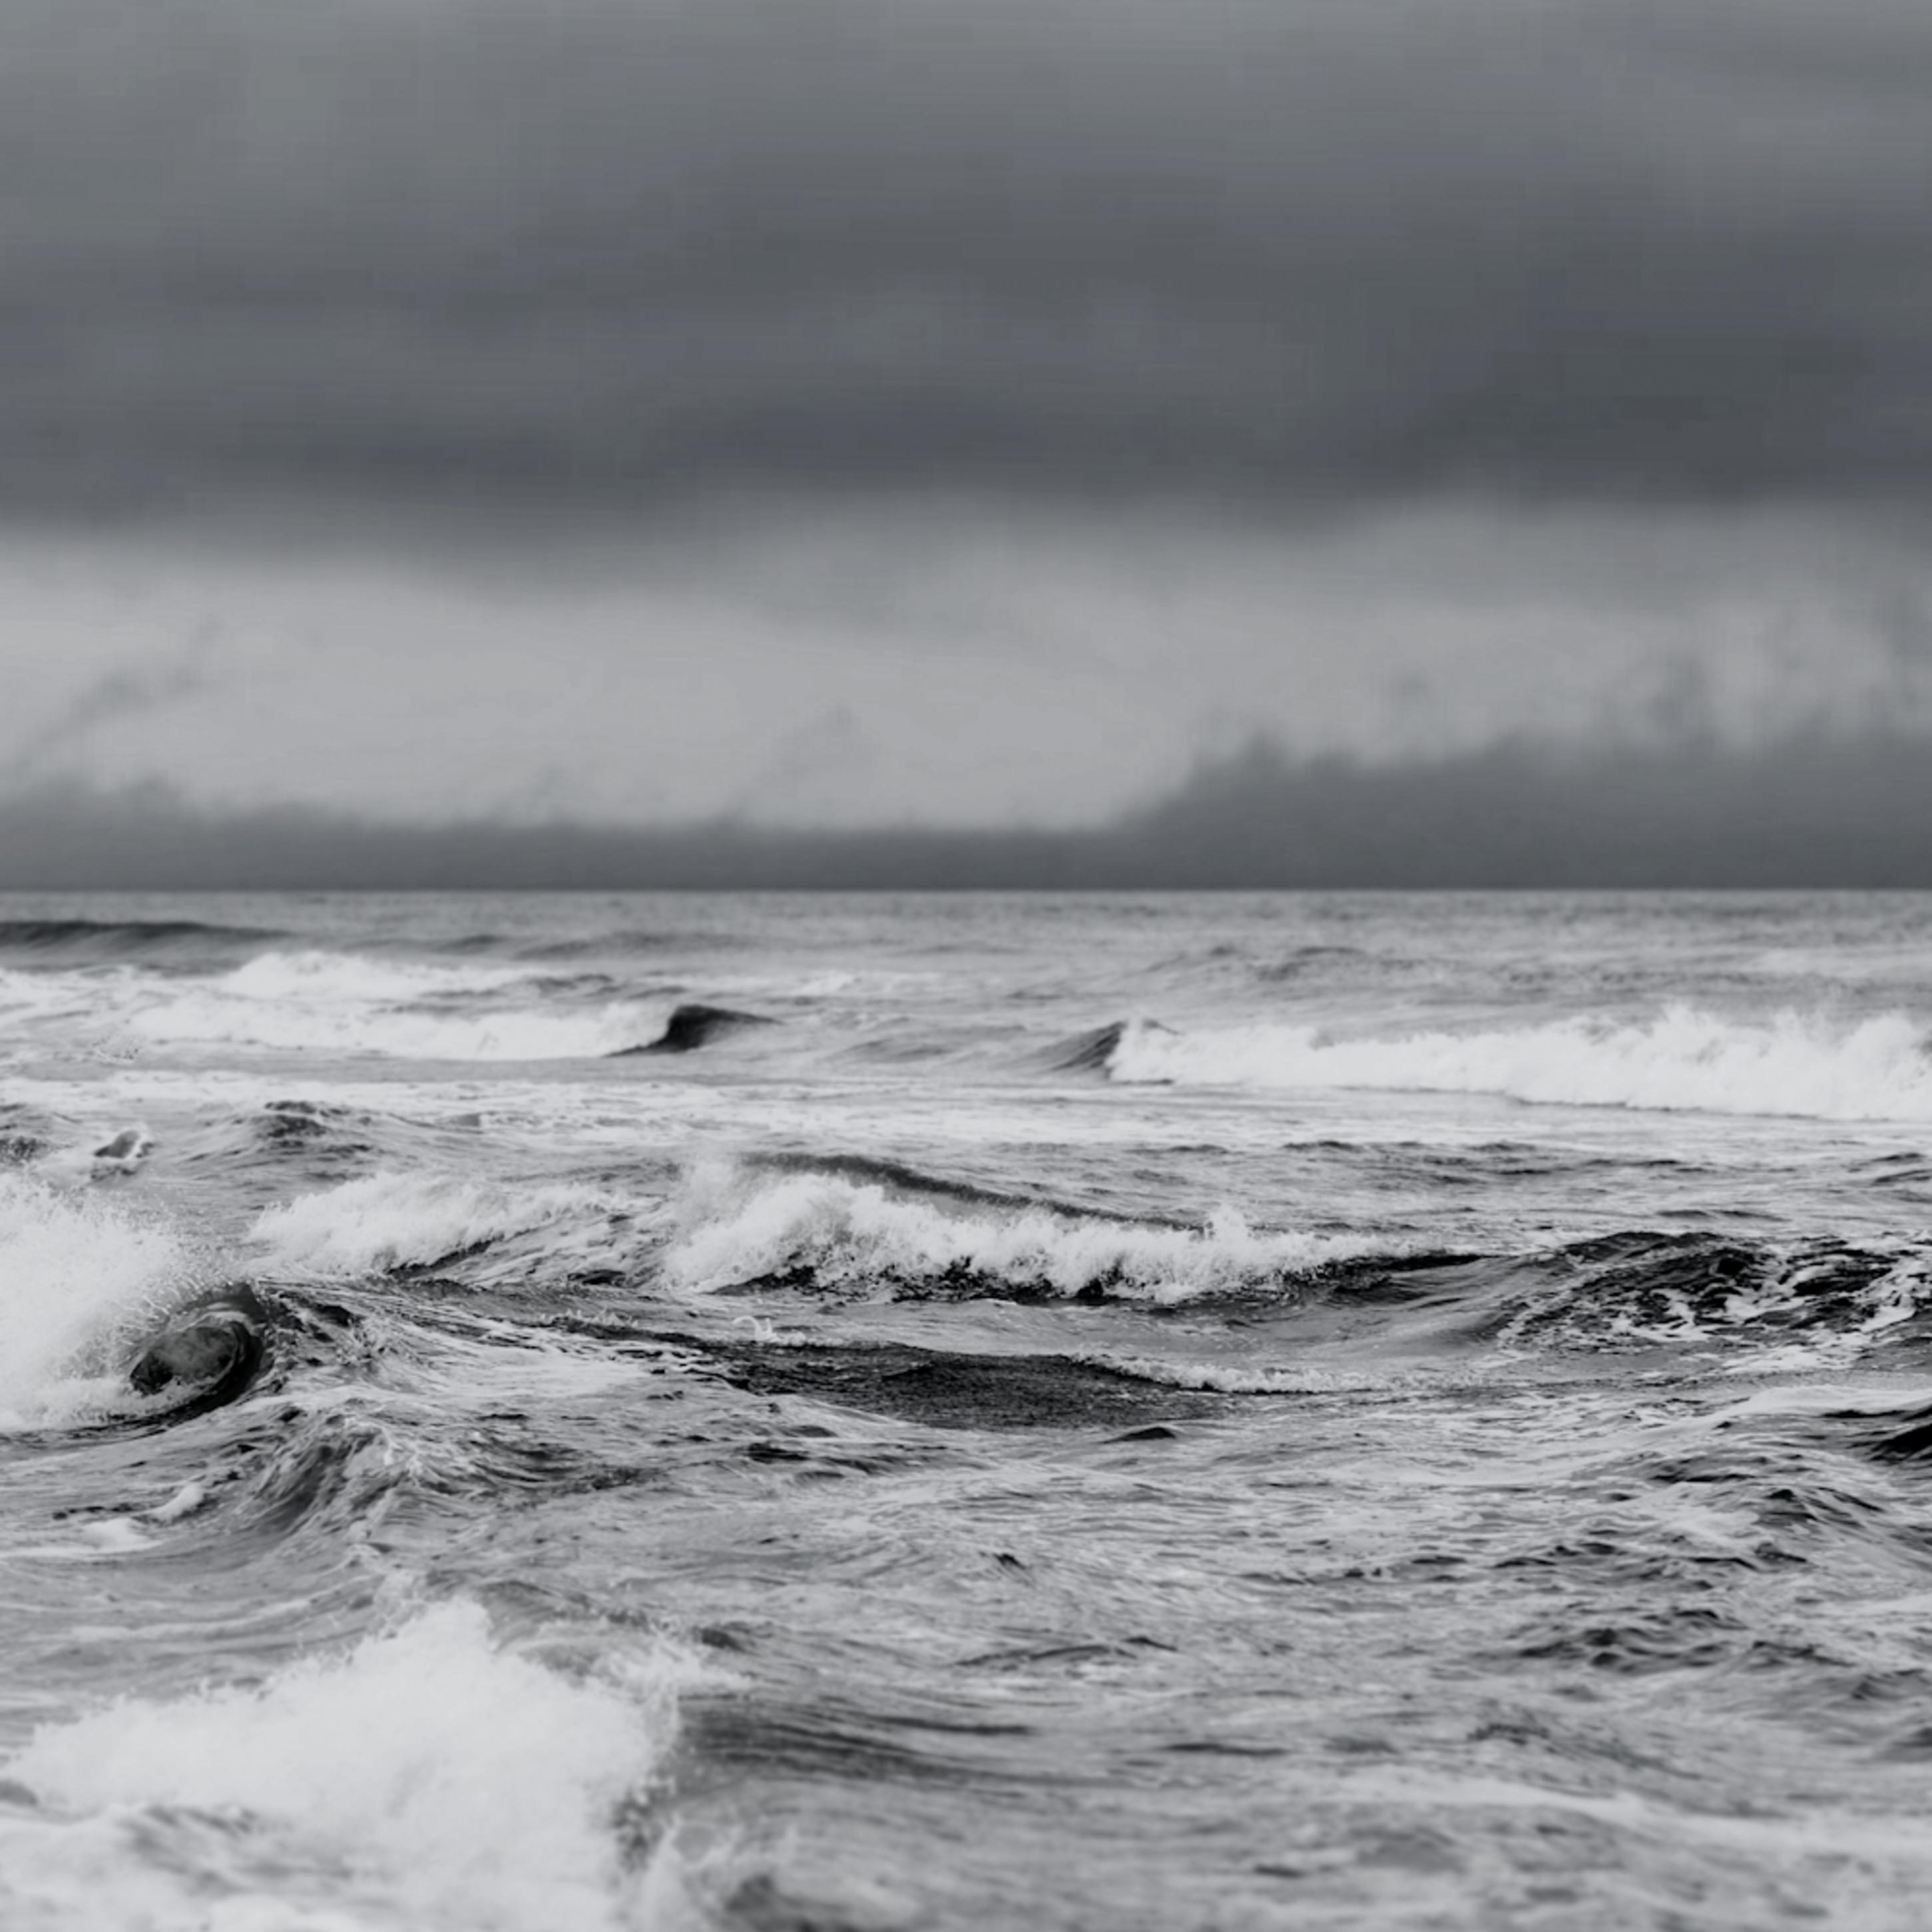 Stormy sea bw wi2ox8